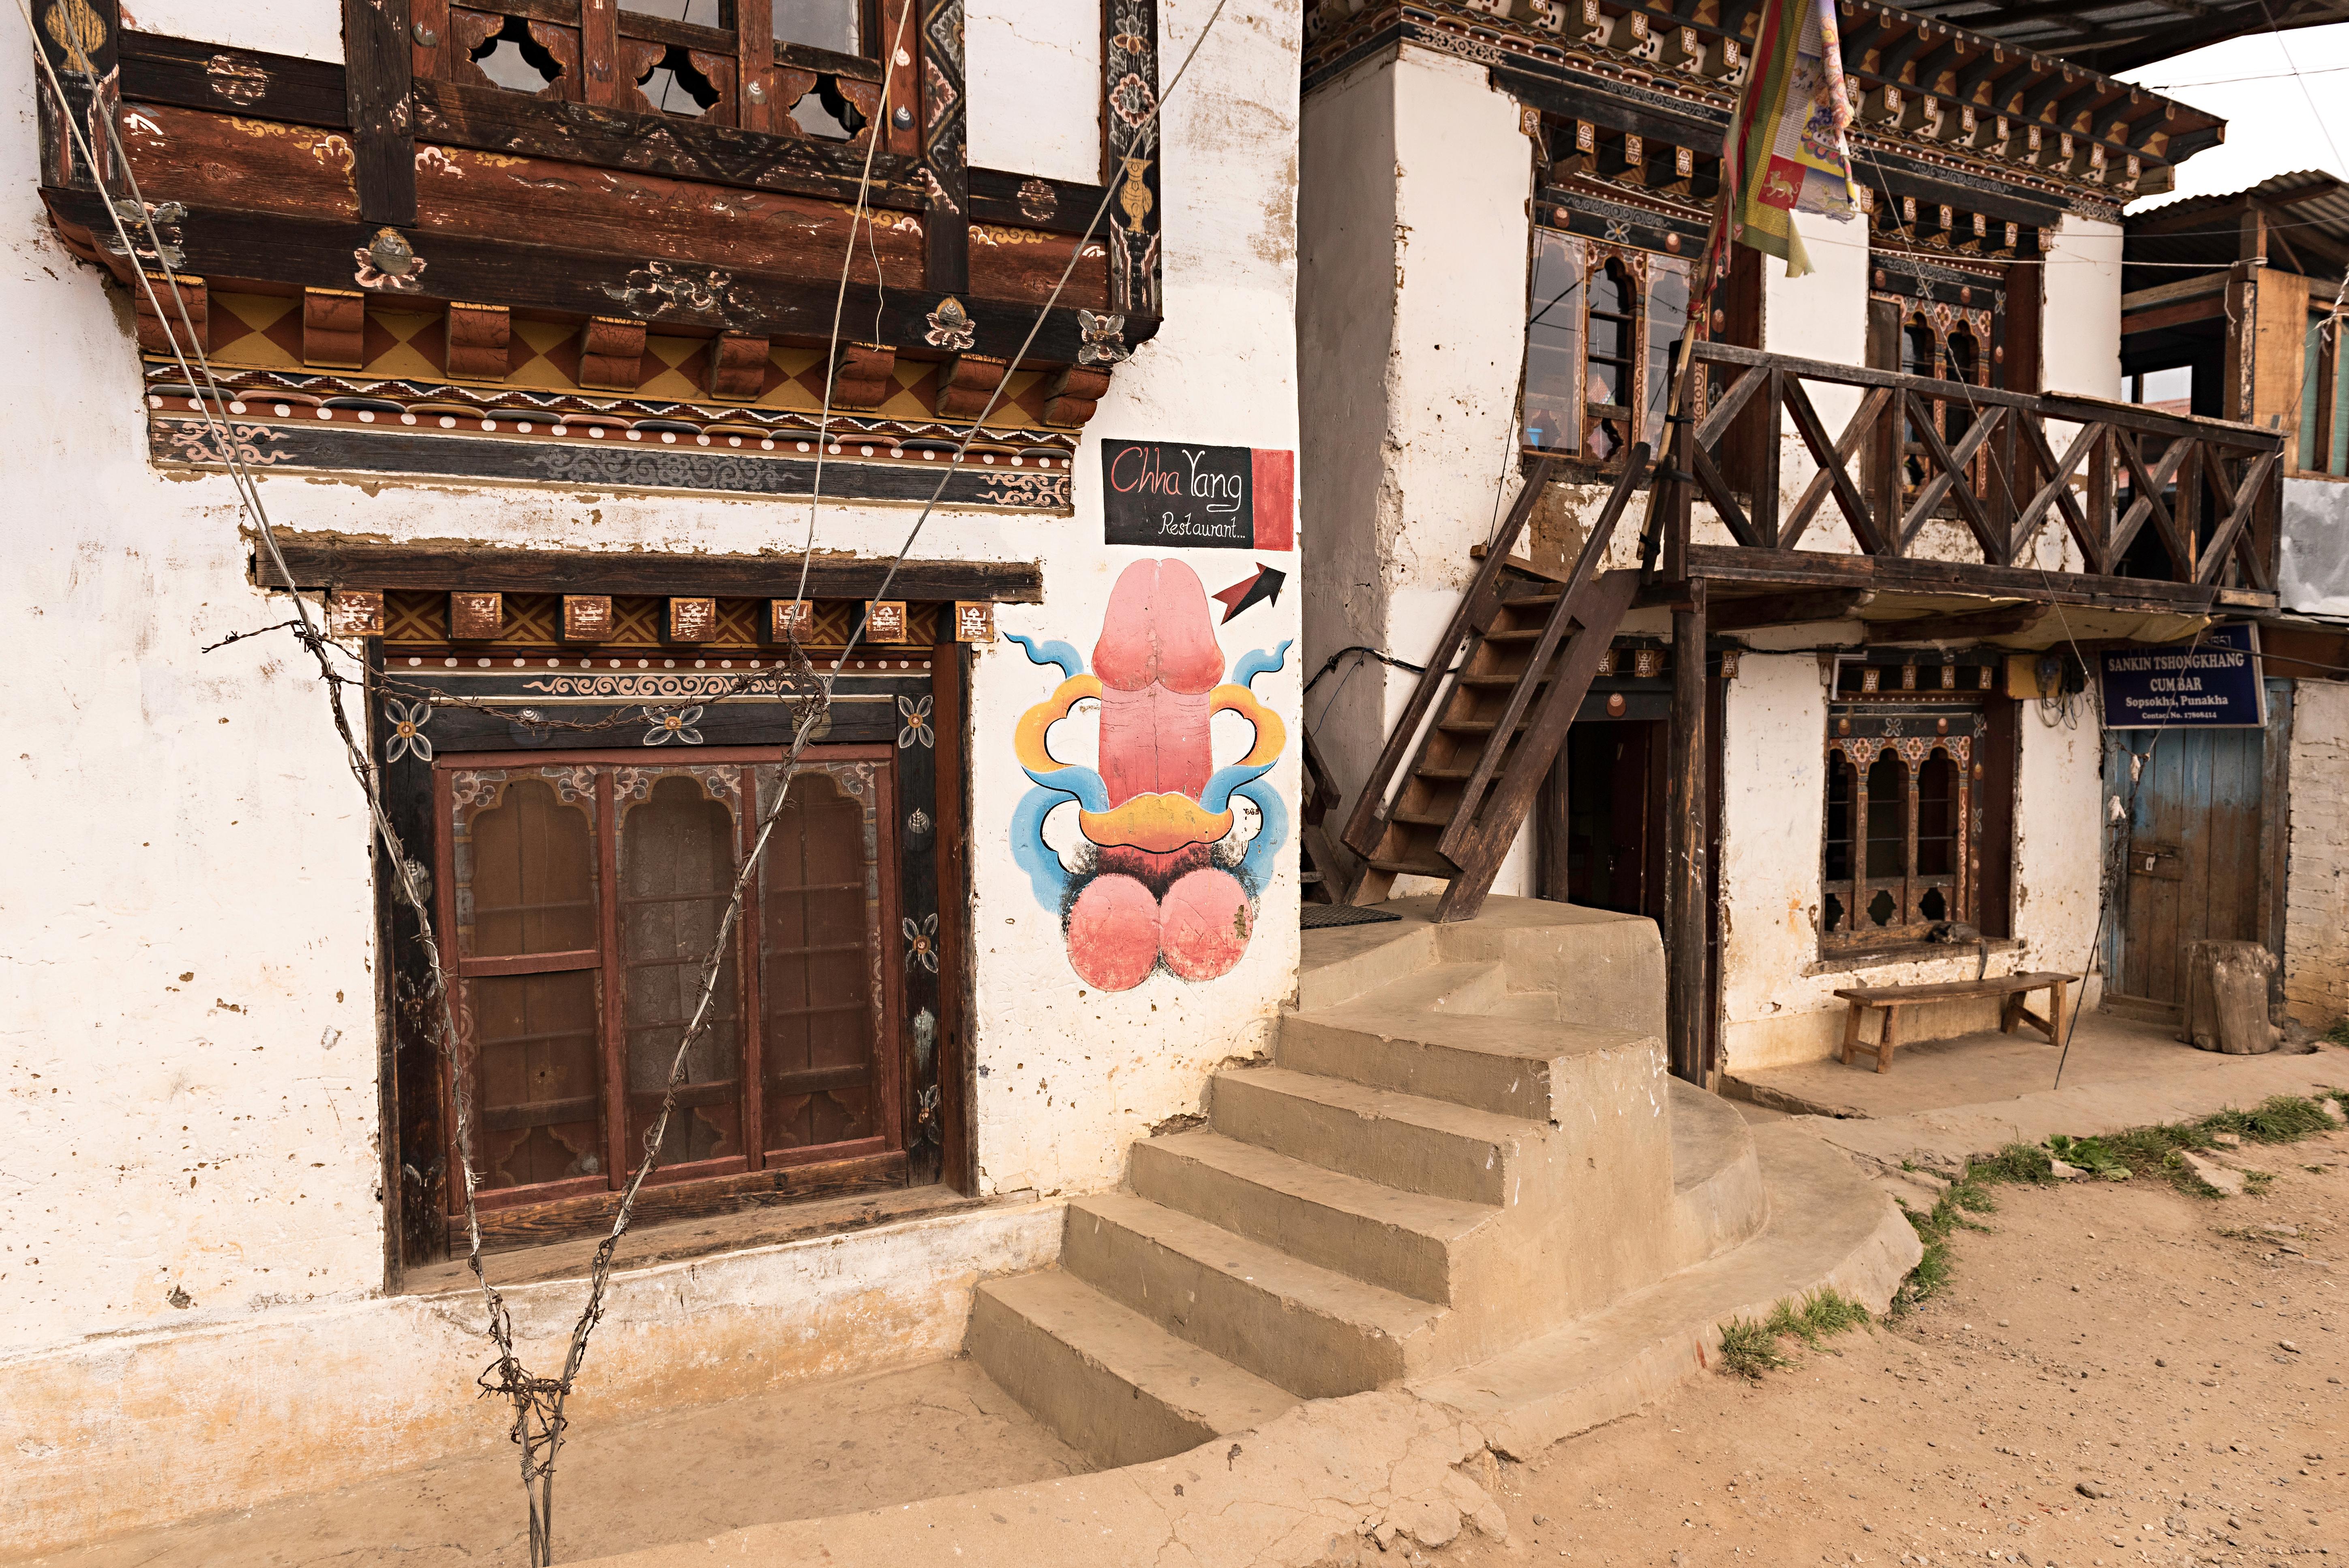 En Punakha se encuentra el templo de la fertilidad, al cual concurren las parejas sin hijos para pedir descendencia. Dicho templo es uno de los más venerados del reino, y es usual ver en las paredes de las casas cercanas dibujos y pinturas representando a los órganos sexuales masculinos